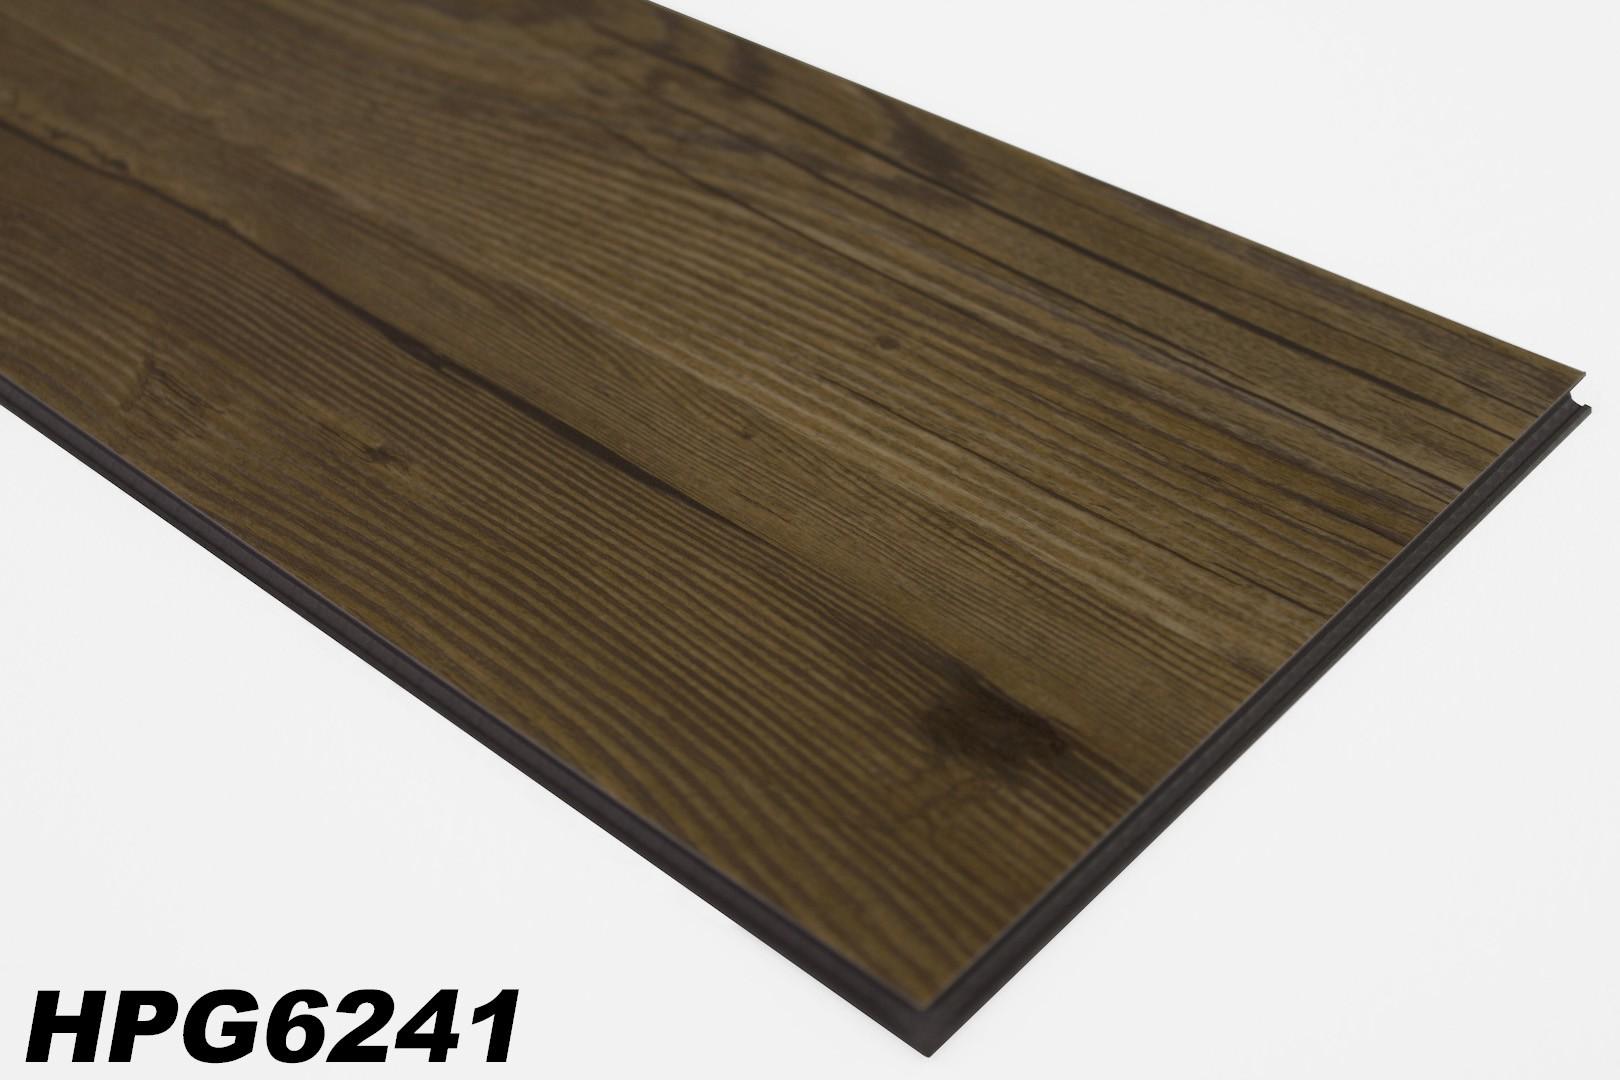 69,96 m² Vinyldielen in 4,2mm Klicksystem PVC-Boden Nutzschicht 0,3mm, HPG6241